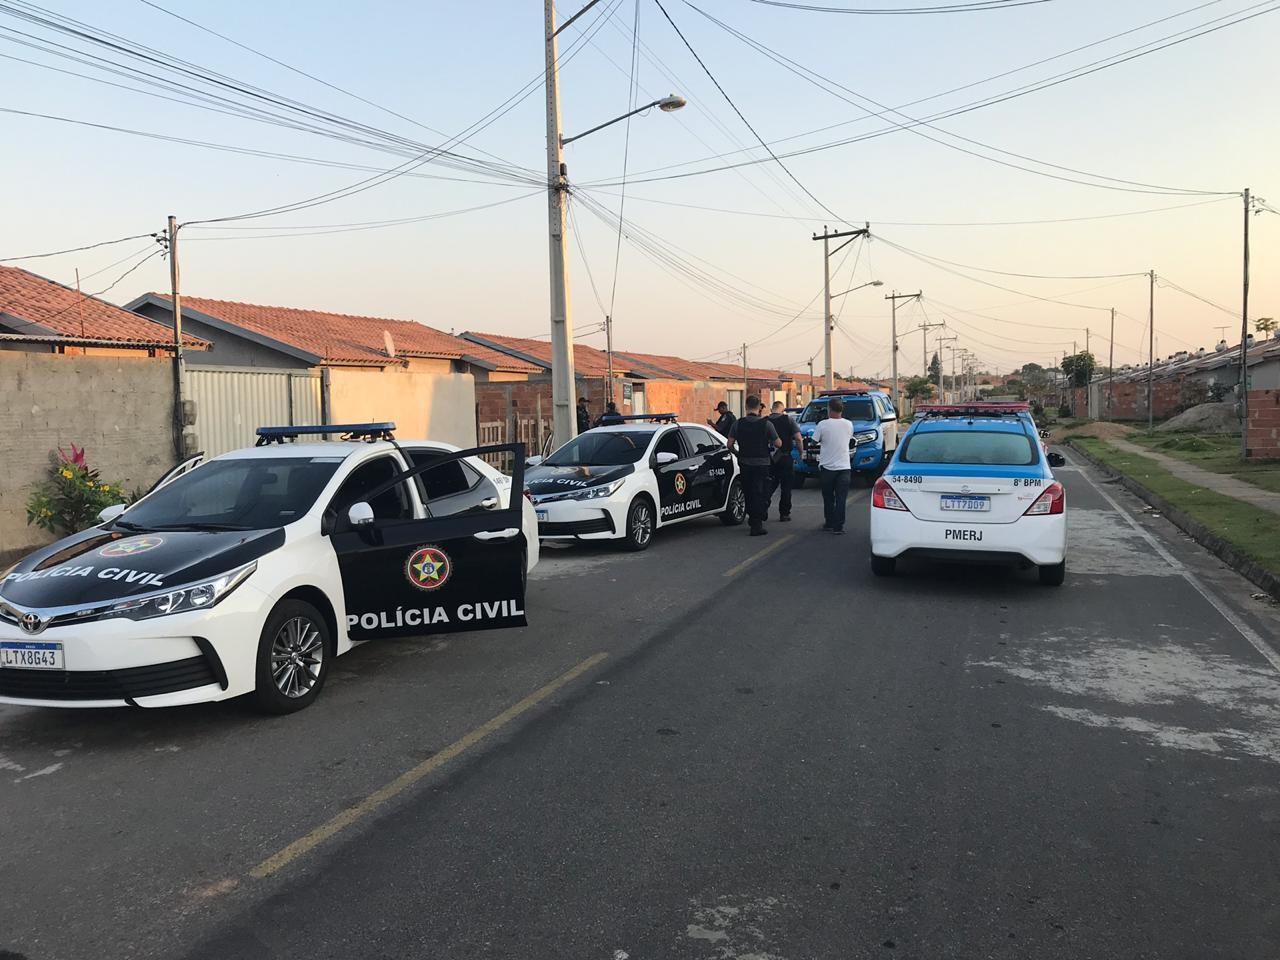 Suspeitos de homicídios são presos em Campos, RJ, na terceira fase da Operação Guadalajara - Notícias - Plantão Diário